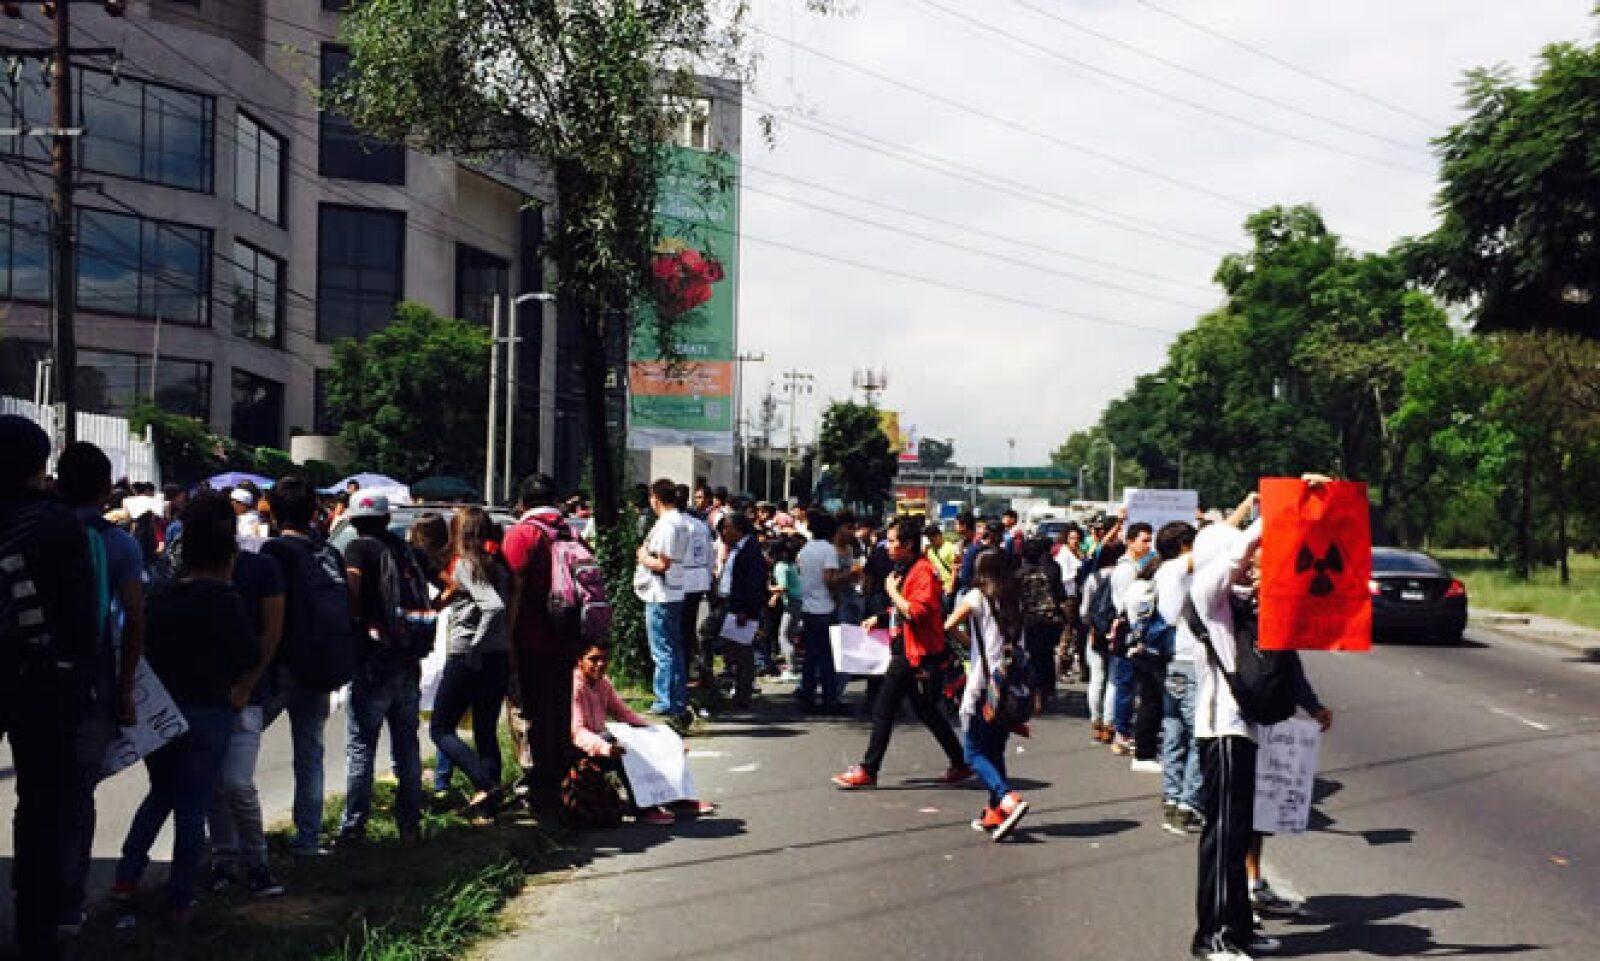 Alumnos del Cecyt 4 Lázaro Cárdenas matienen un bloqueo interminetente en ambos sentidos de Avenida Constituyentes a la altura de Jacaranda, el cual suma ya 8 horas luego que coemnzará desde aproximadamente a a las 7:00 horas.